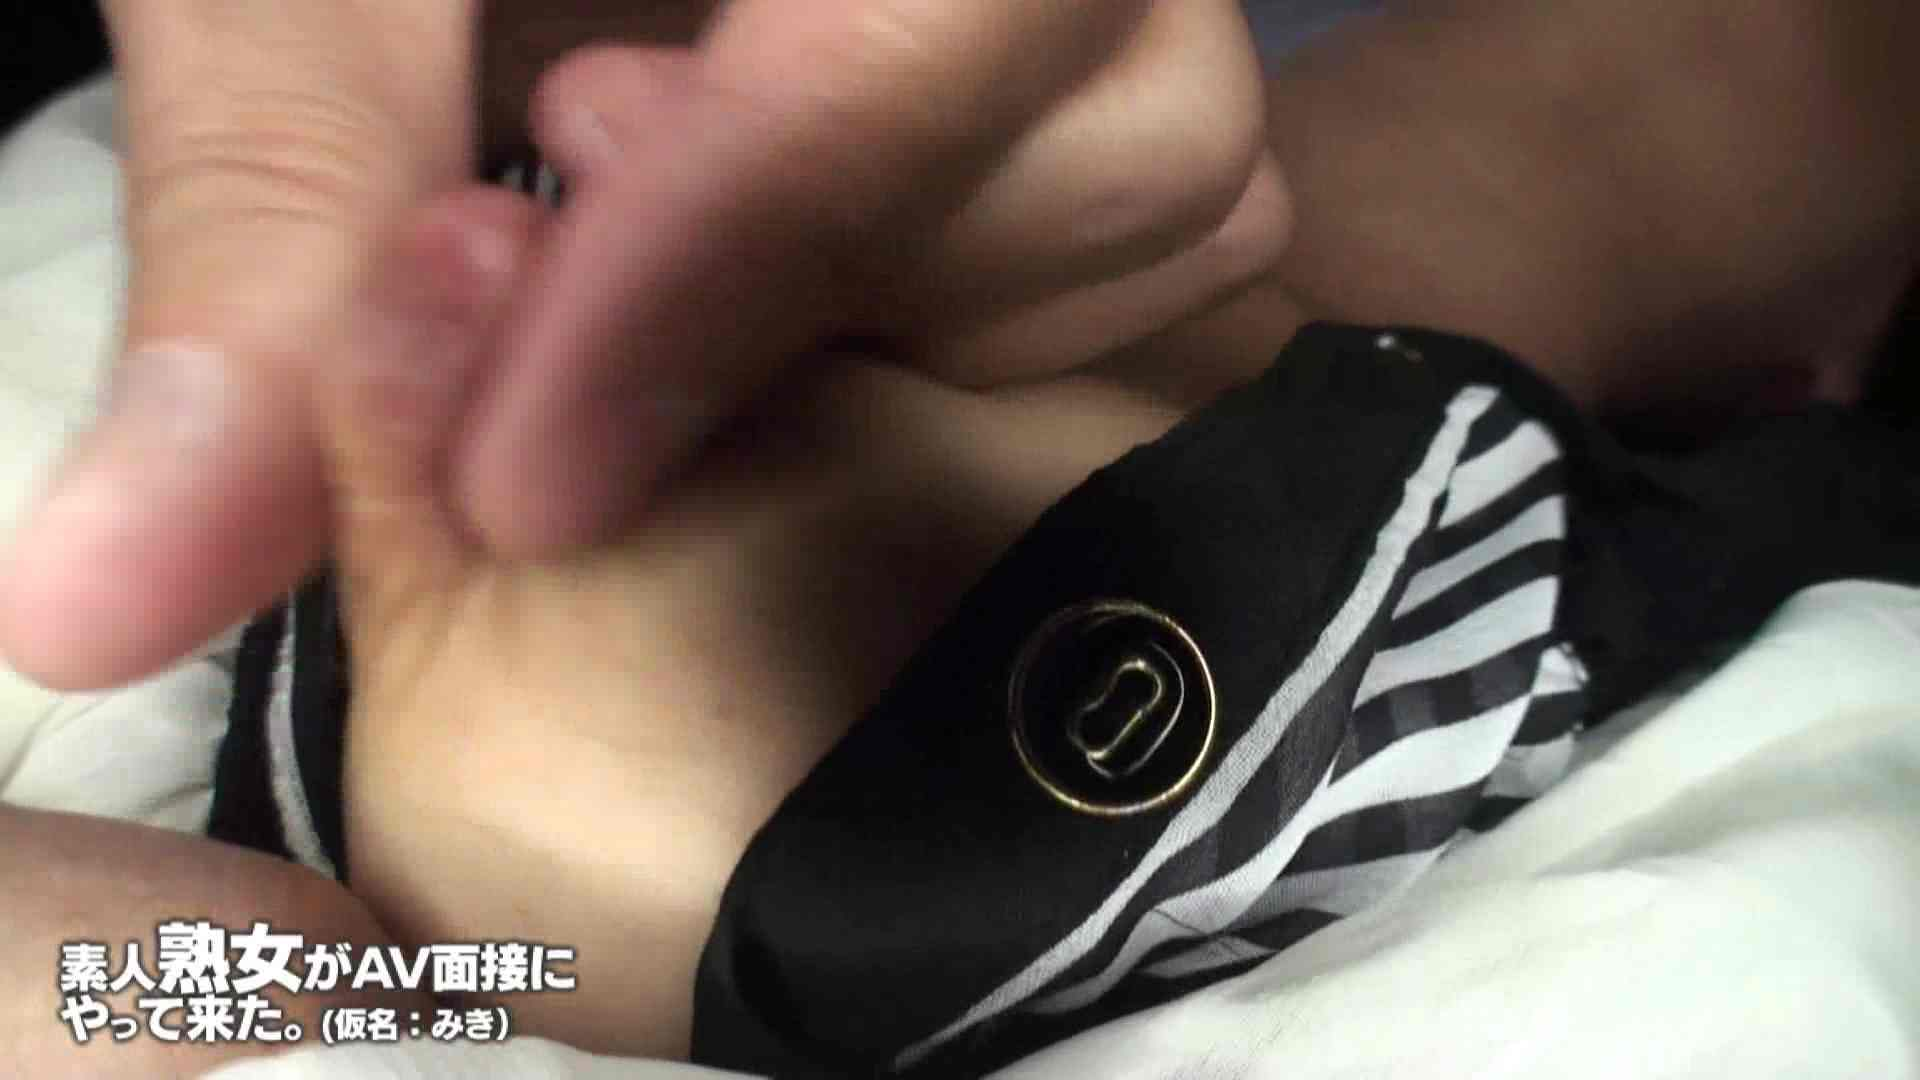 素人熟女がAV面接にやってきた (熟女)みきさんVOL.04(前編) セックス AV動画キャプチャ 11pic 3